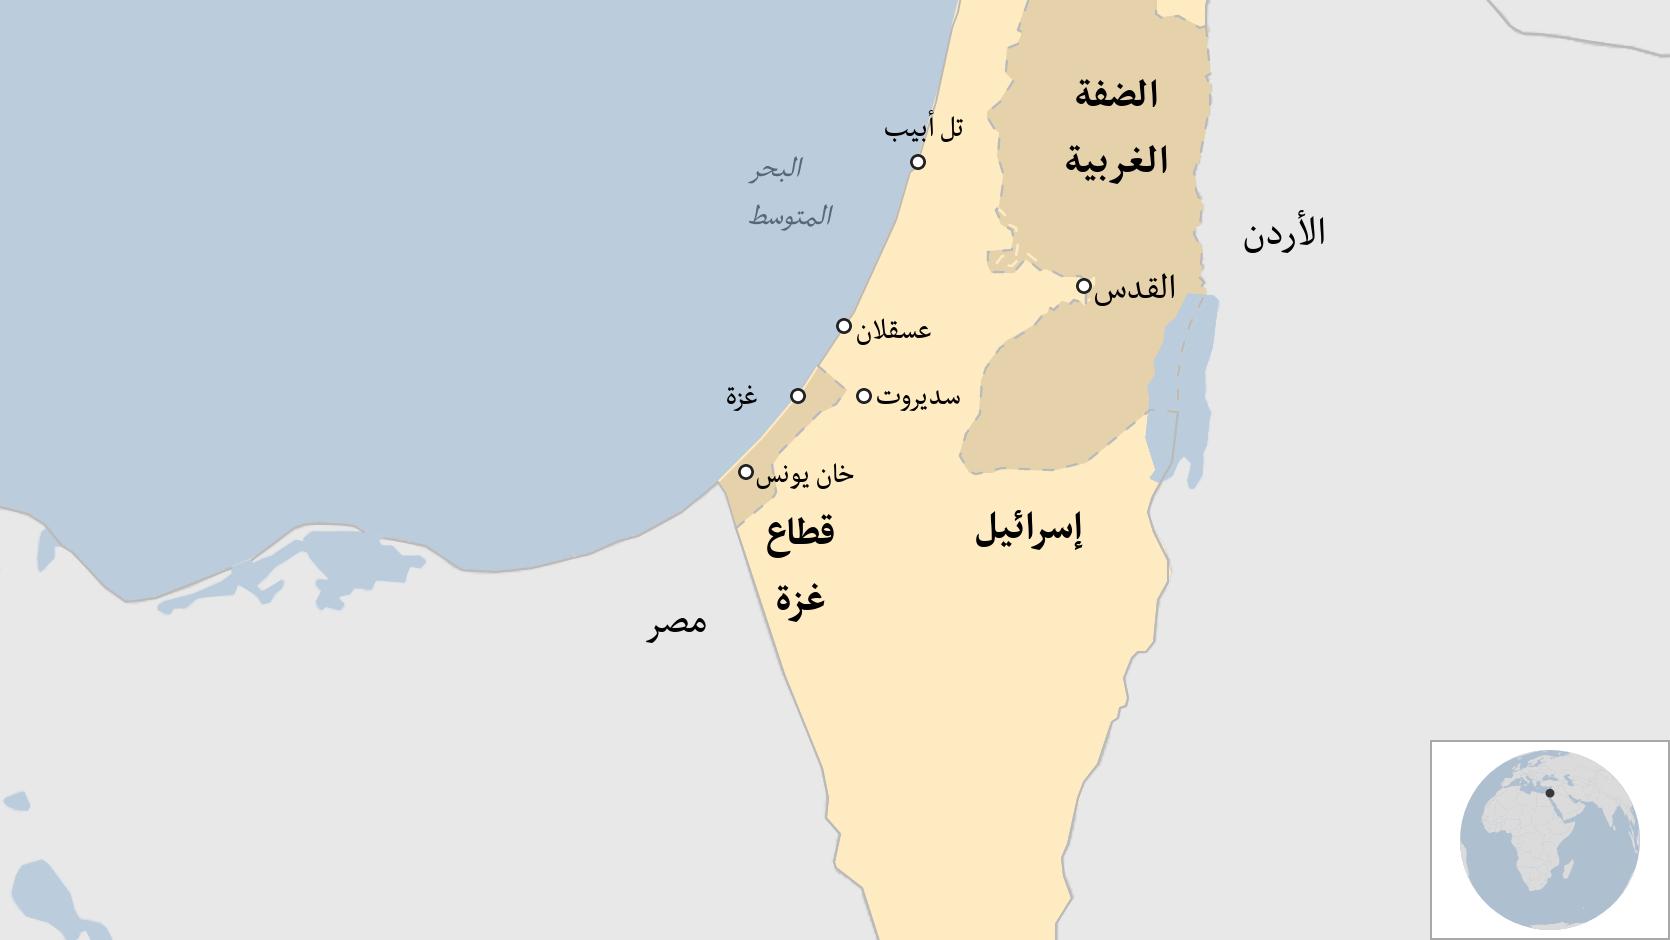 خريطة لغزة وإسرائيل